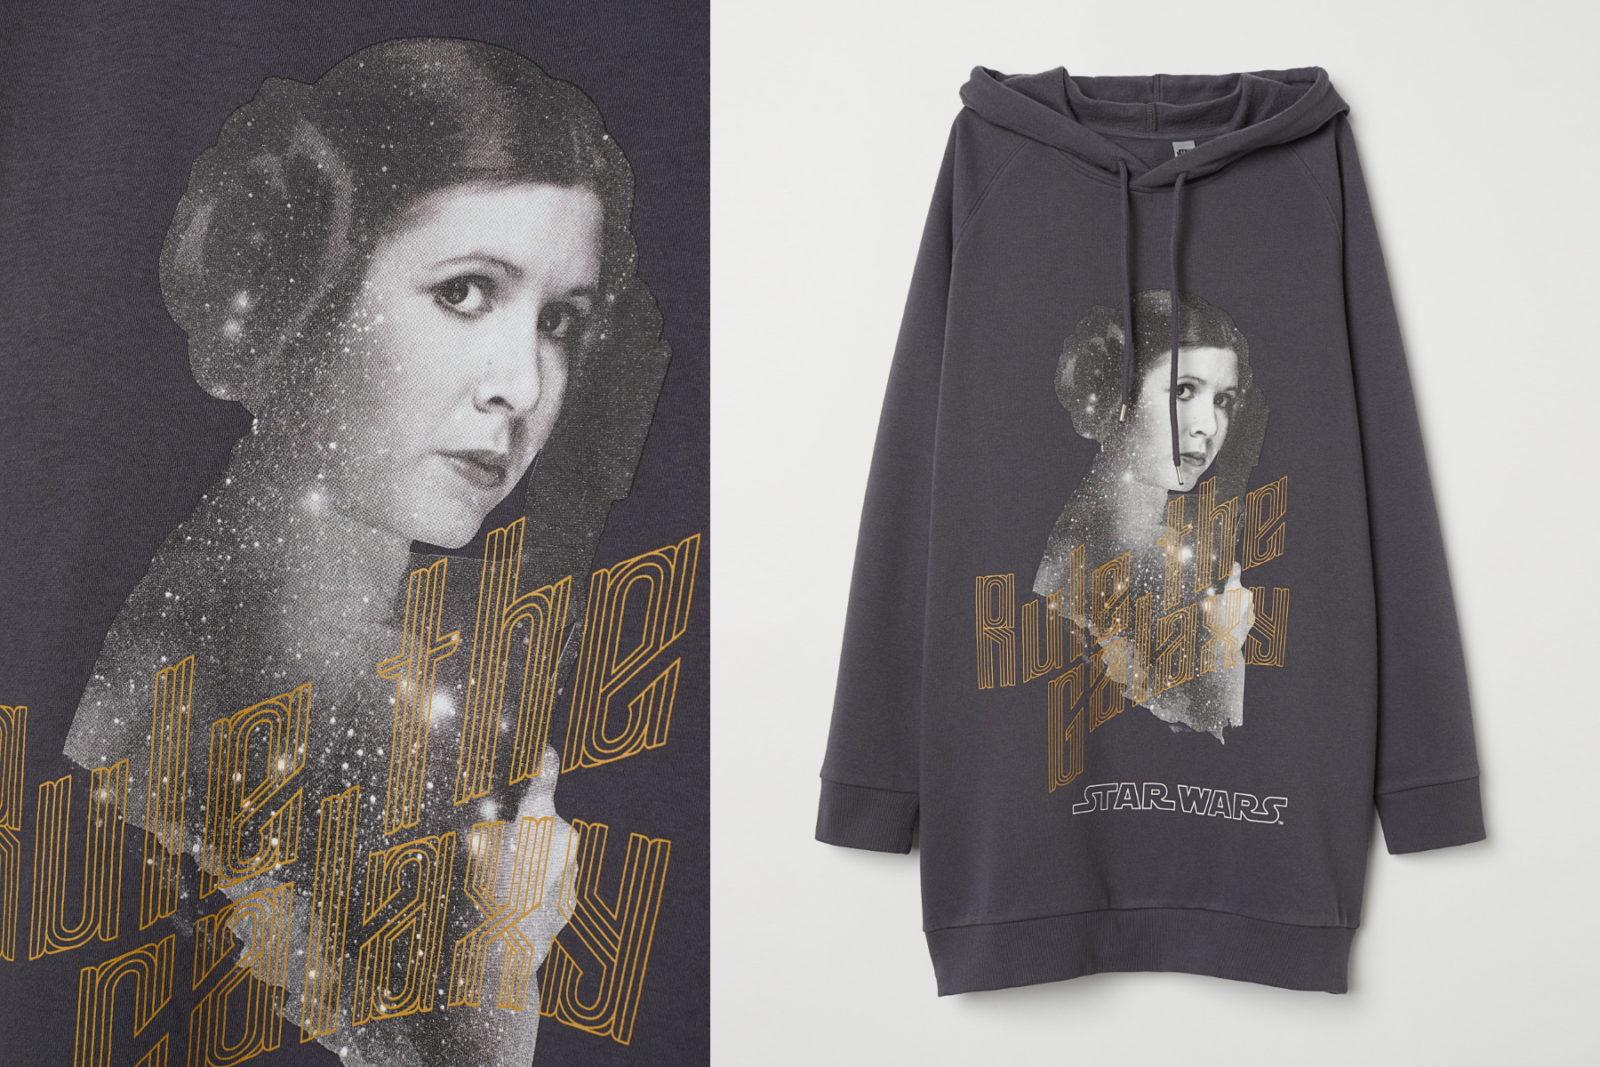 Star Wars Princess Leia Hoodie at H&M